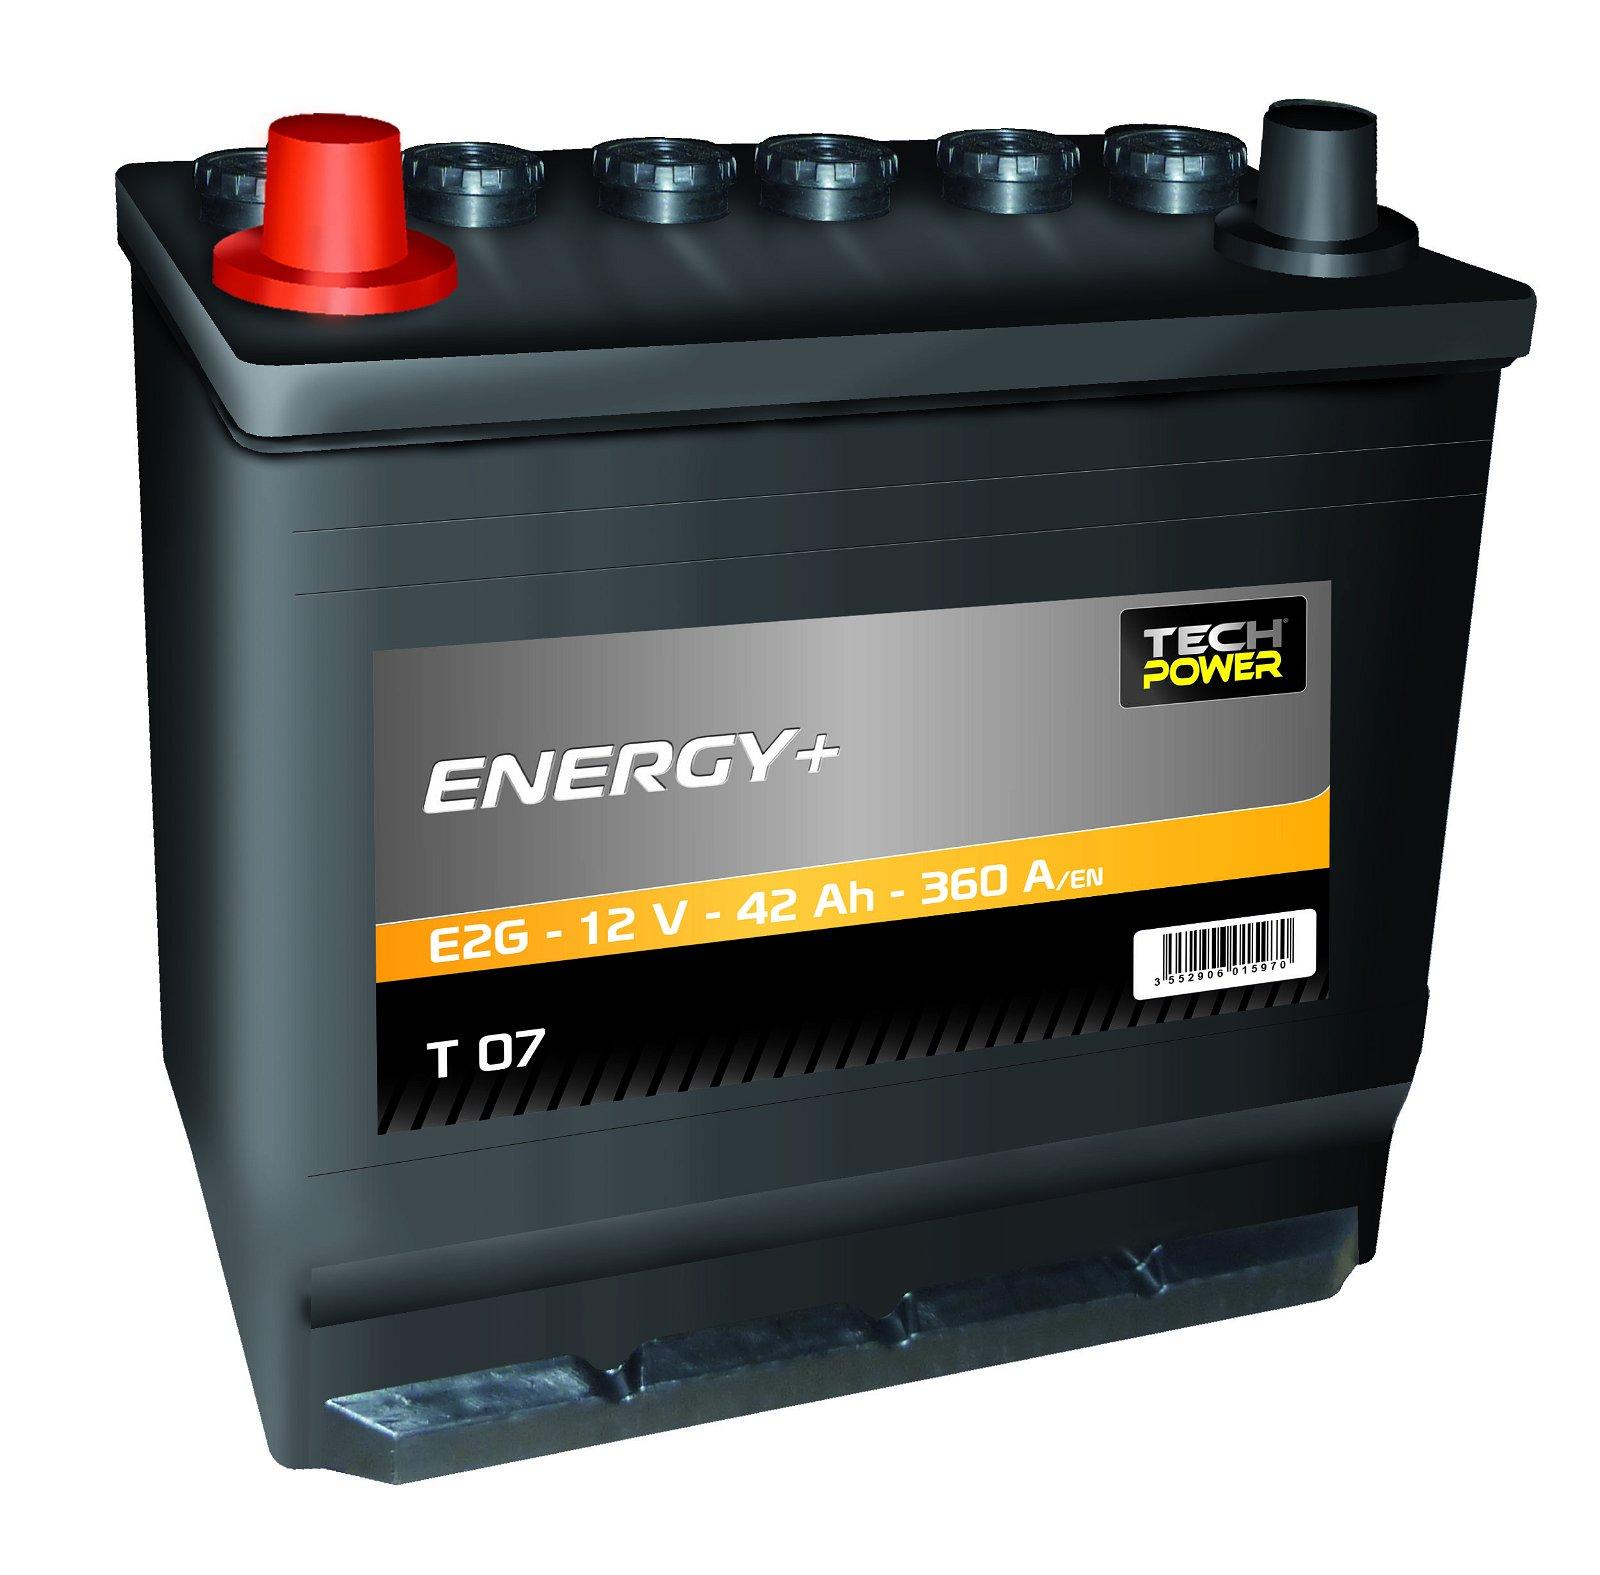 BATTERIE PROXIVOLT ENERGY + 42AH 360AEN +D